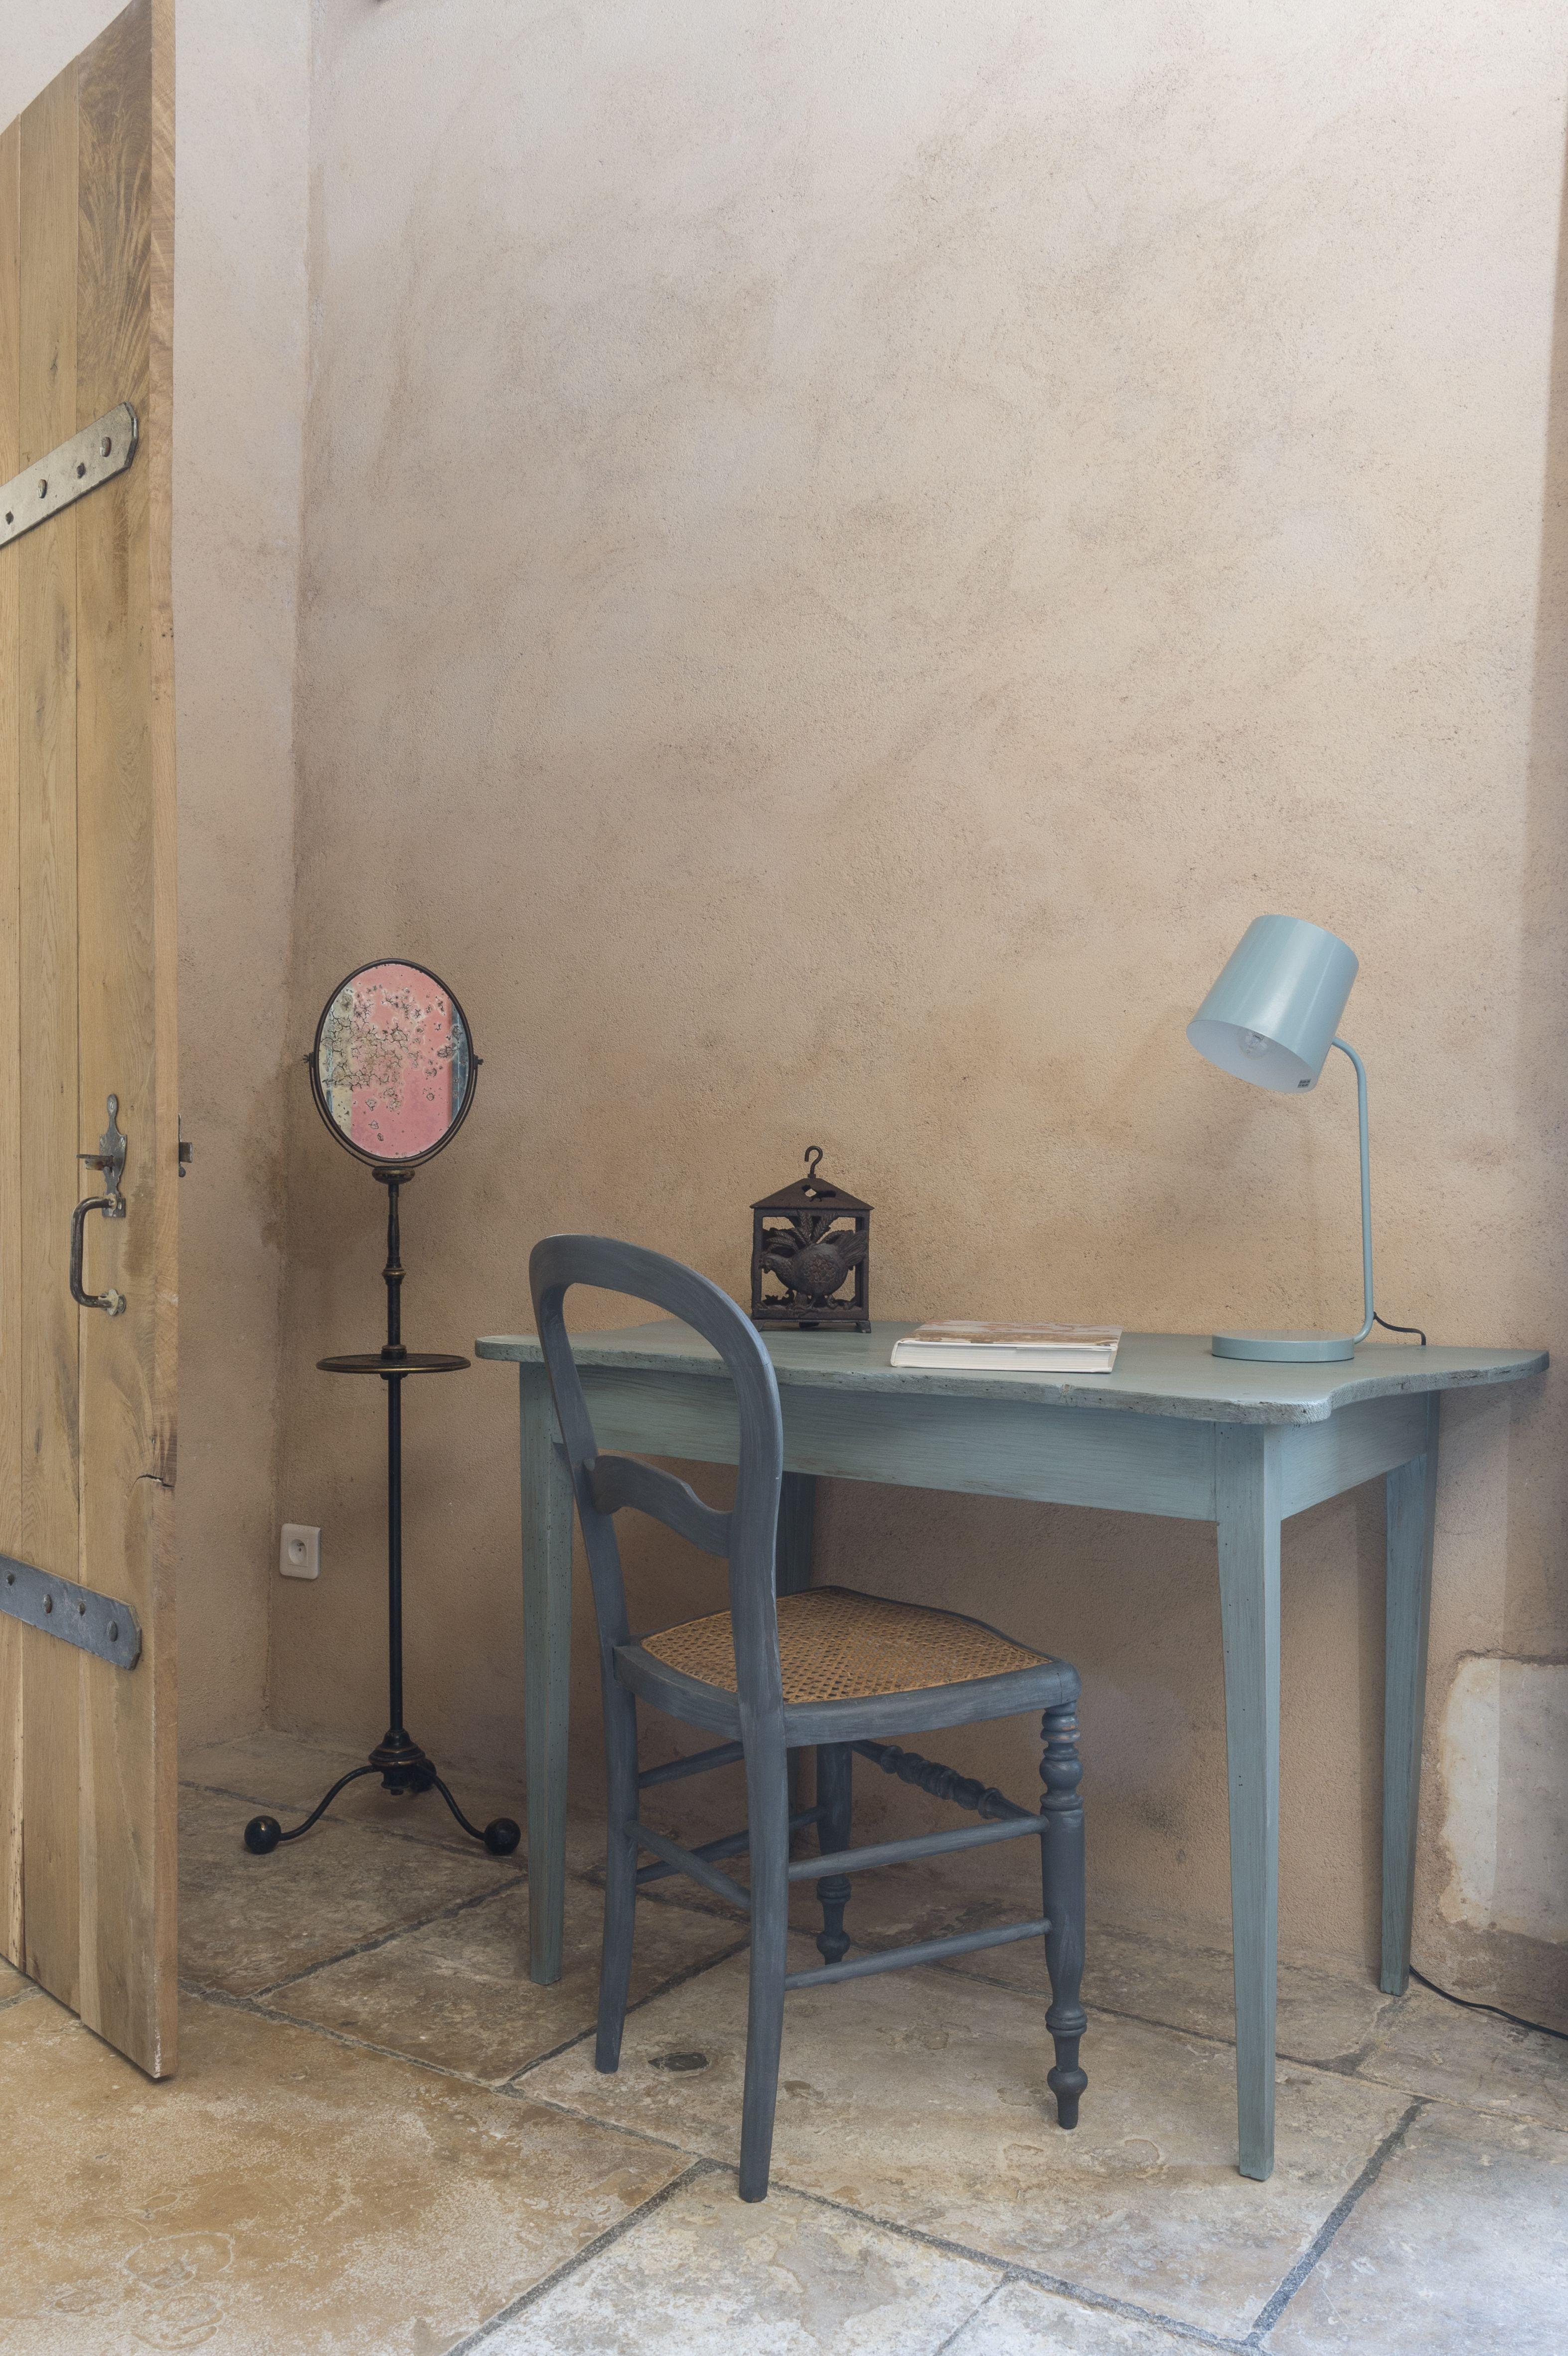 Diy Meuble Fabriquer Un Meuble En Bois Design Meuble Bois Fabrication Meuble Et Mobilier De Salon